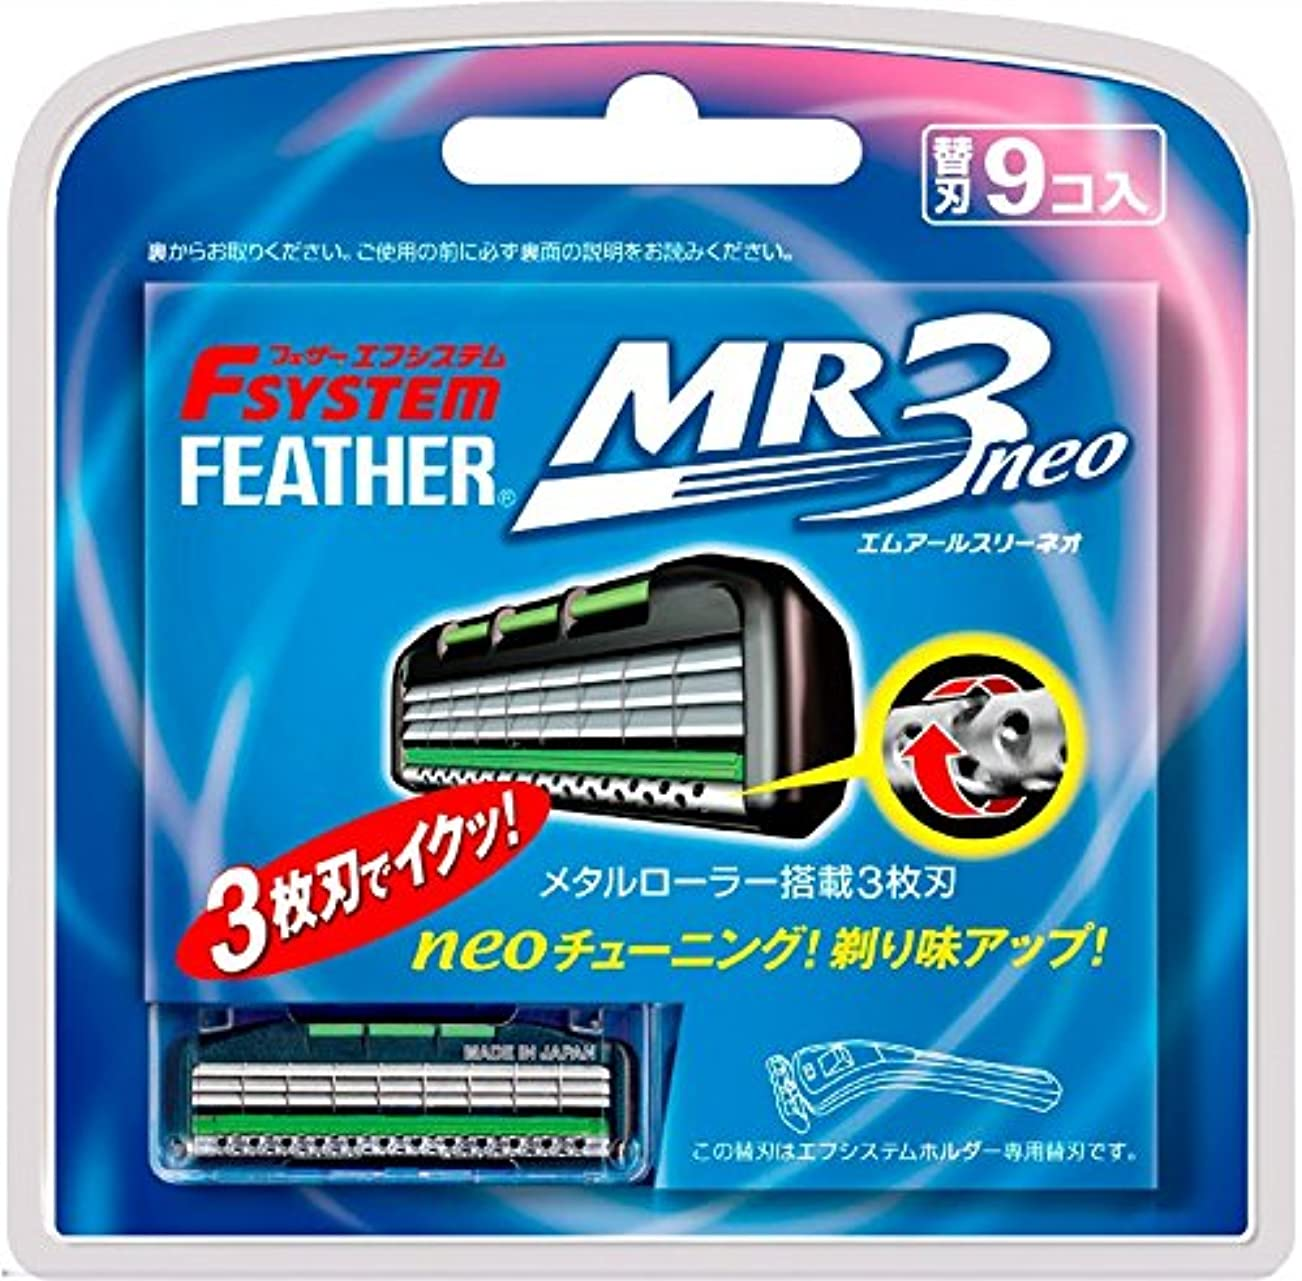 洗剤ぬいぐるみ偽物フェザー エフシステム MR3ネオ 替刃 9個